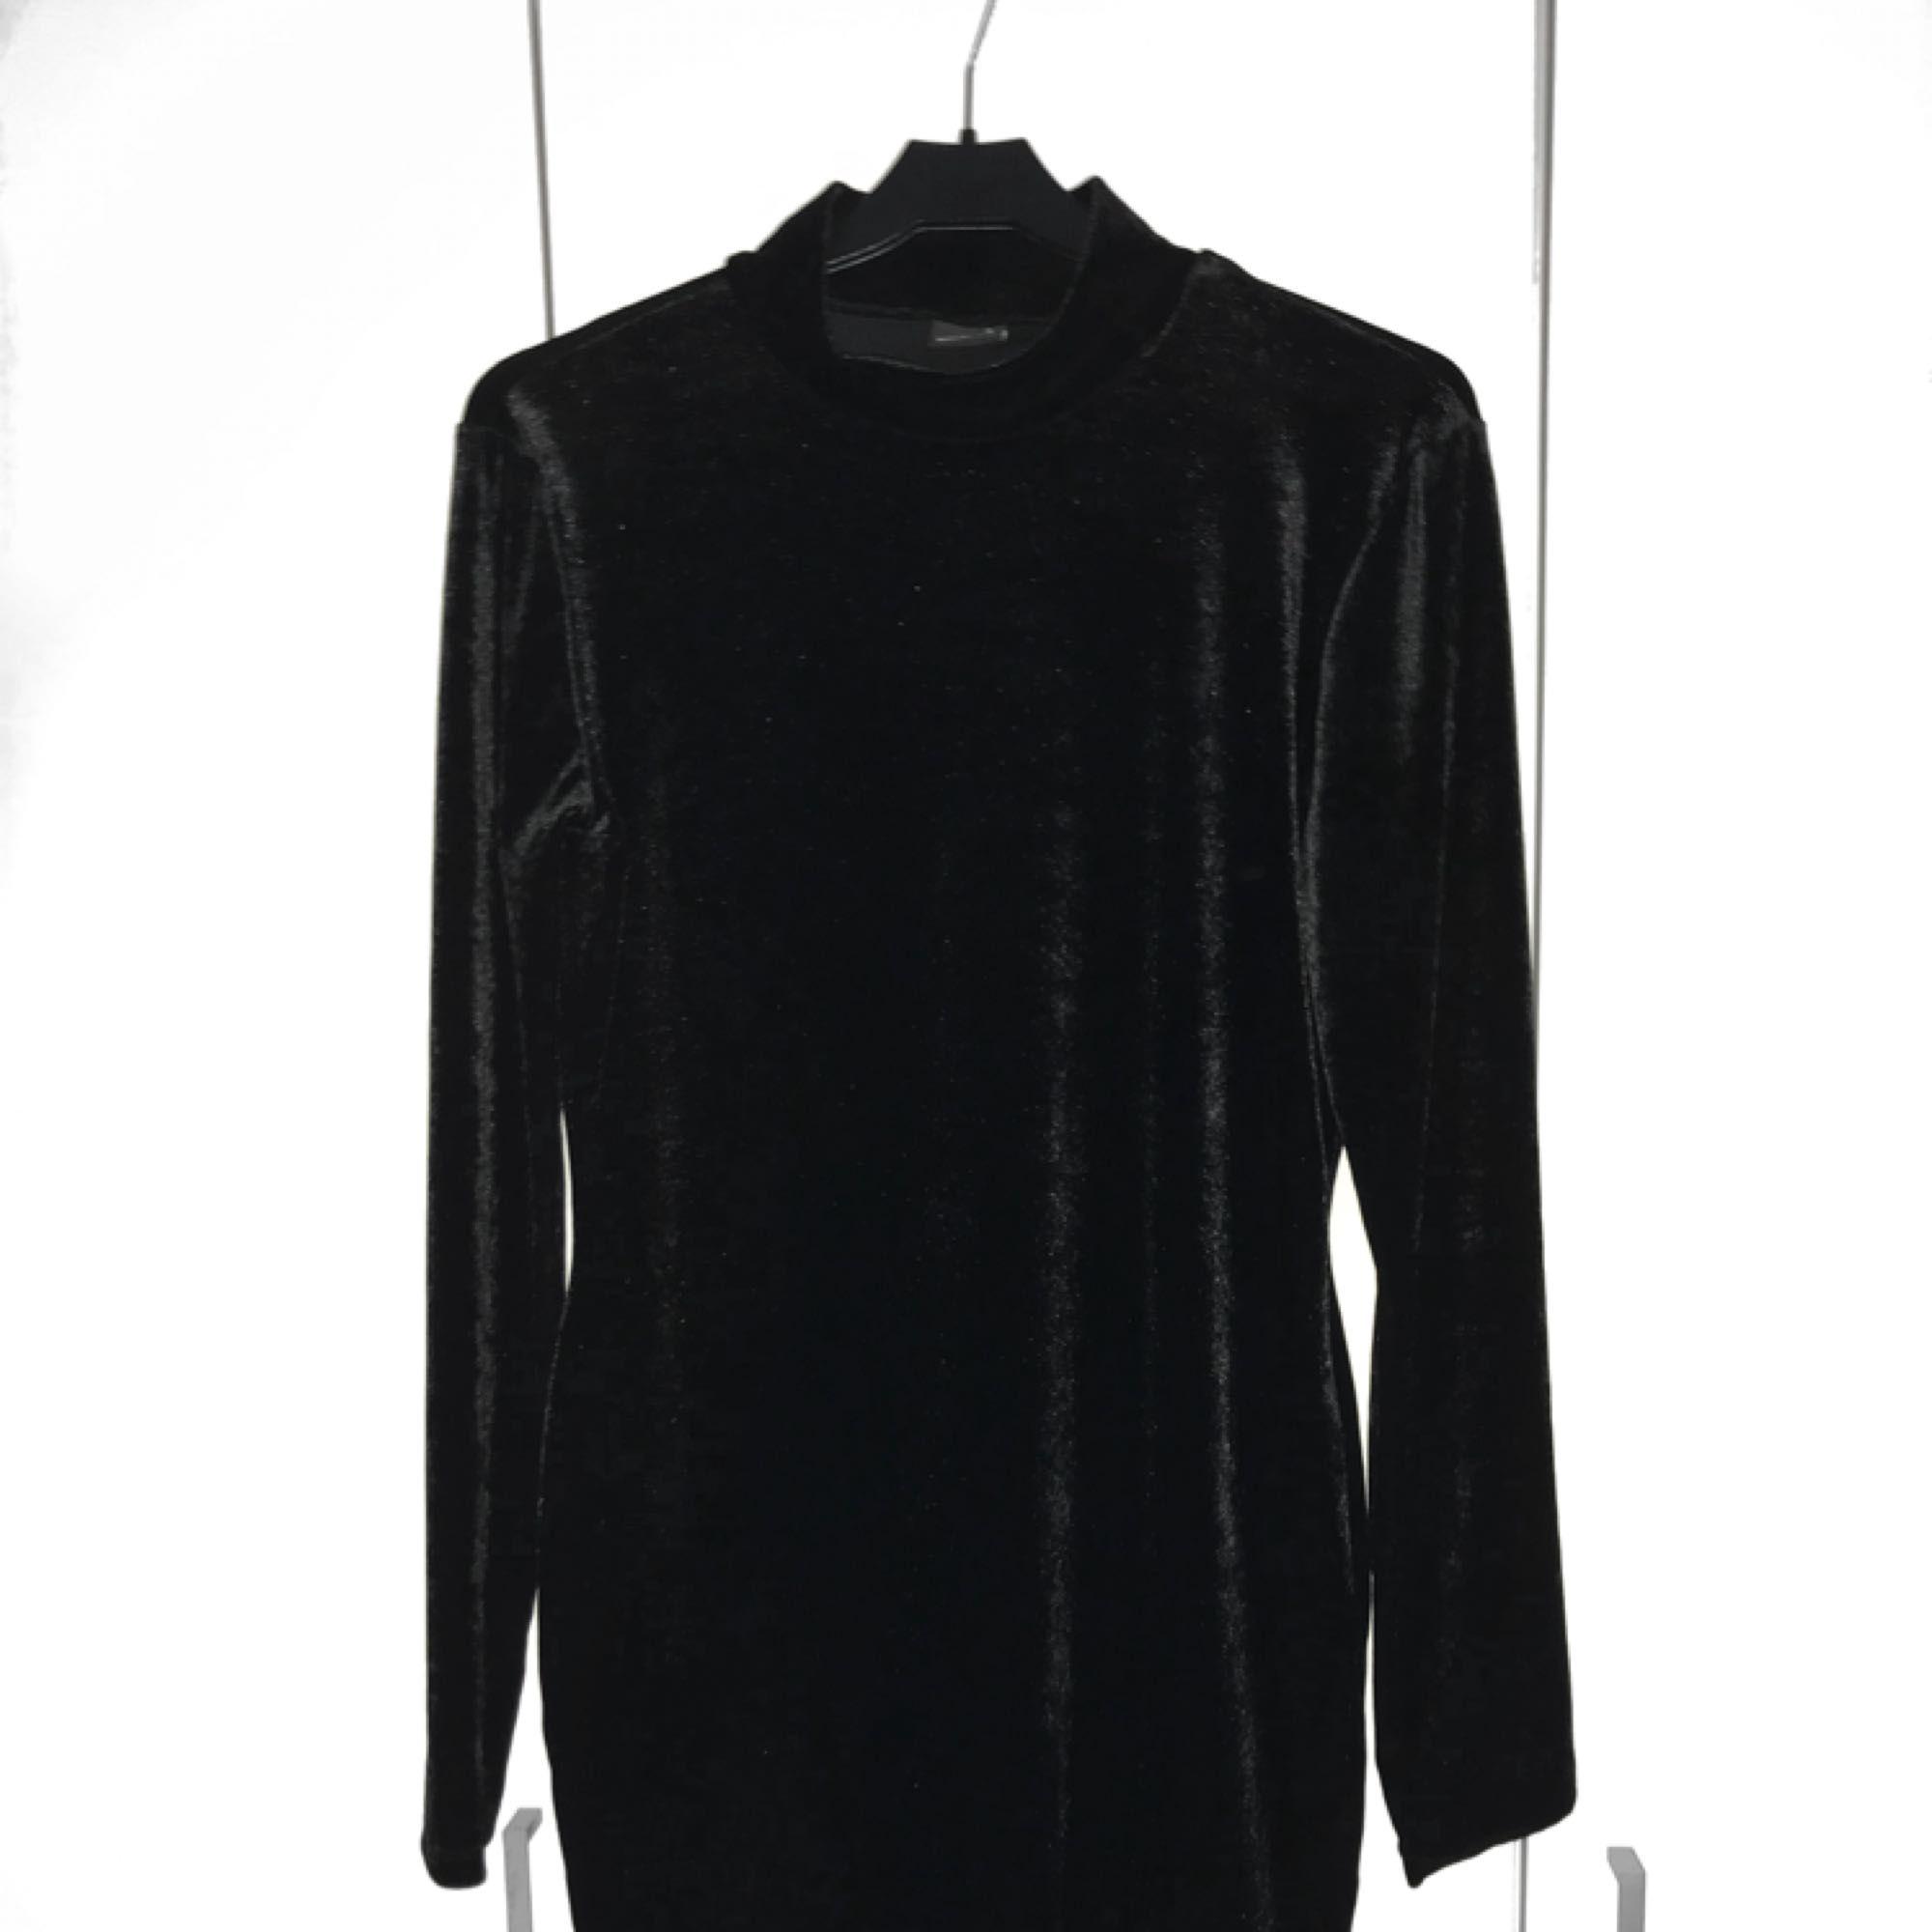 f460116ea801 Ny svart klänning i sammetsliknande tyg, från Bikbok! Bilderna visar  klänningens fram-och ...